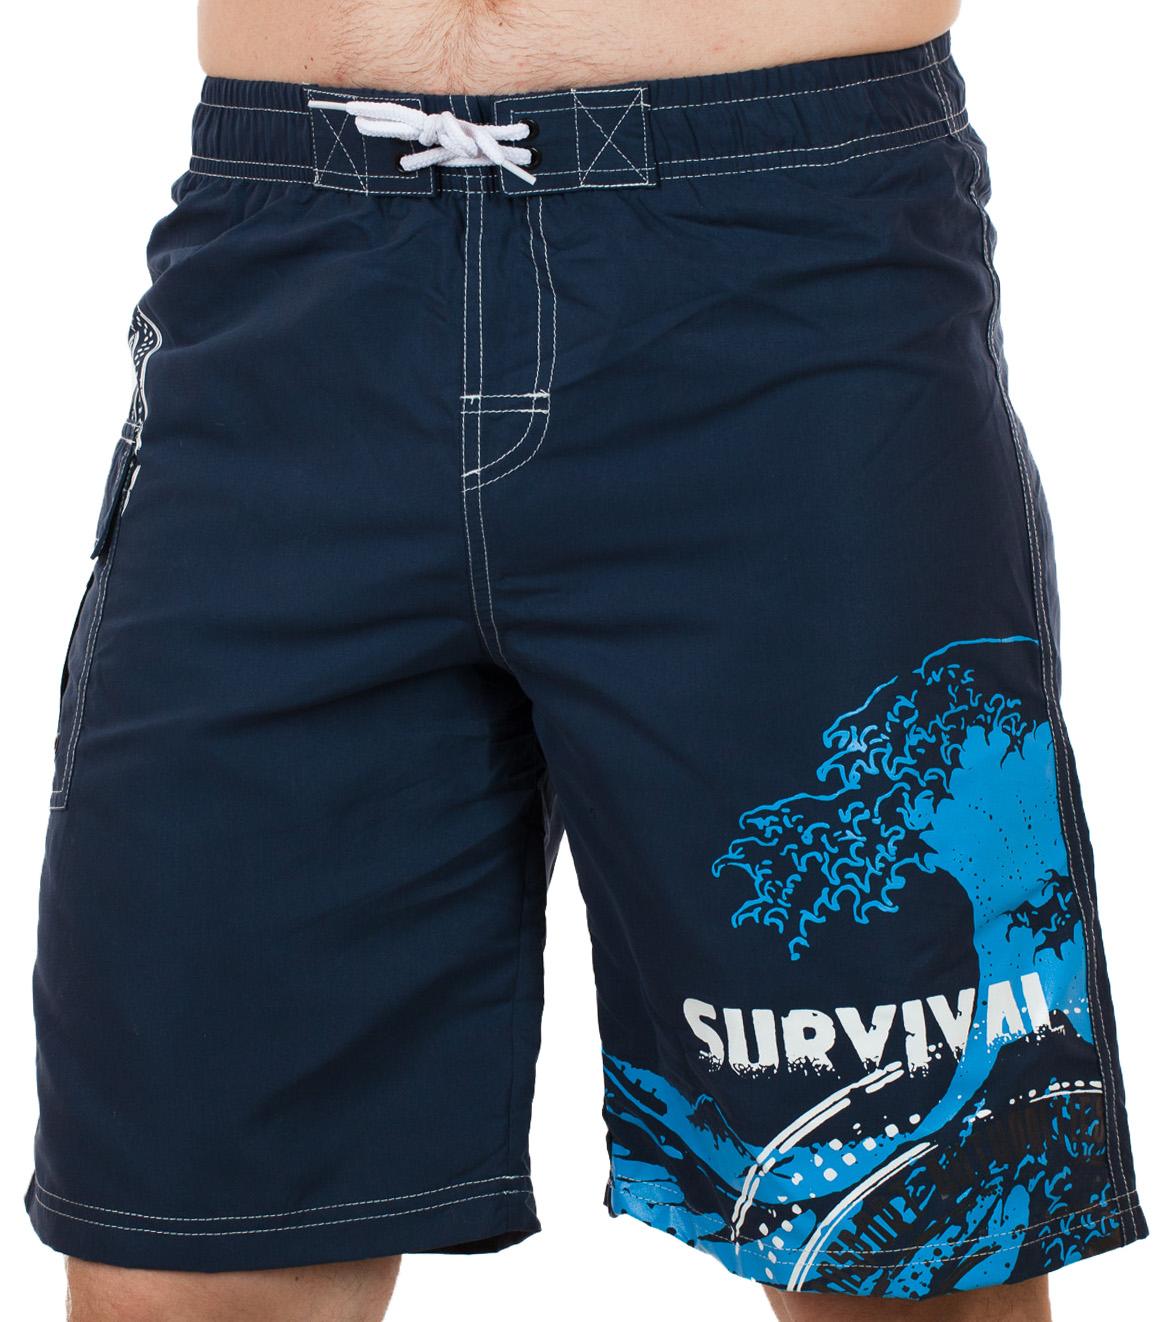 Эксклюзивные мужские шорты с принтом Survival от In Extenso (Франция)